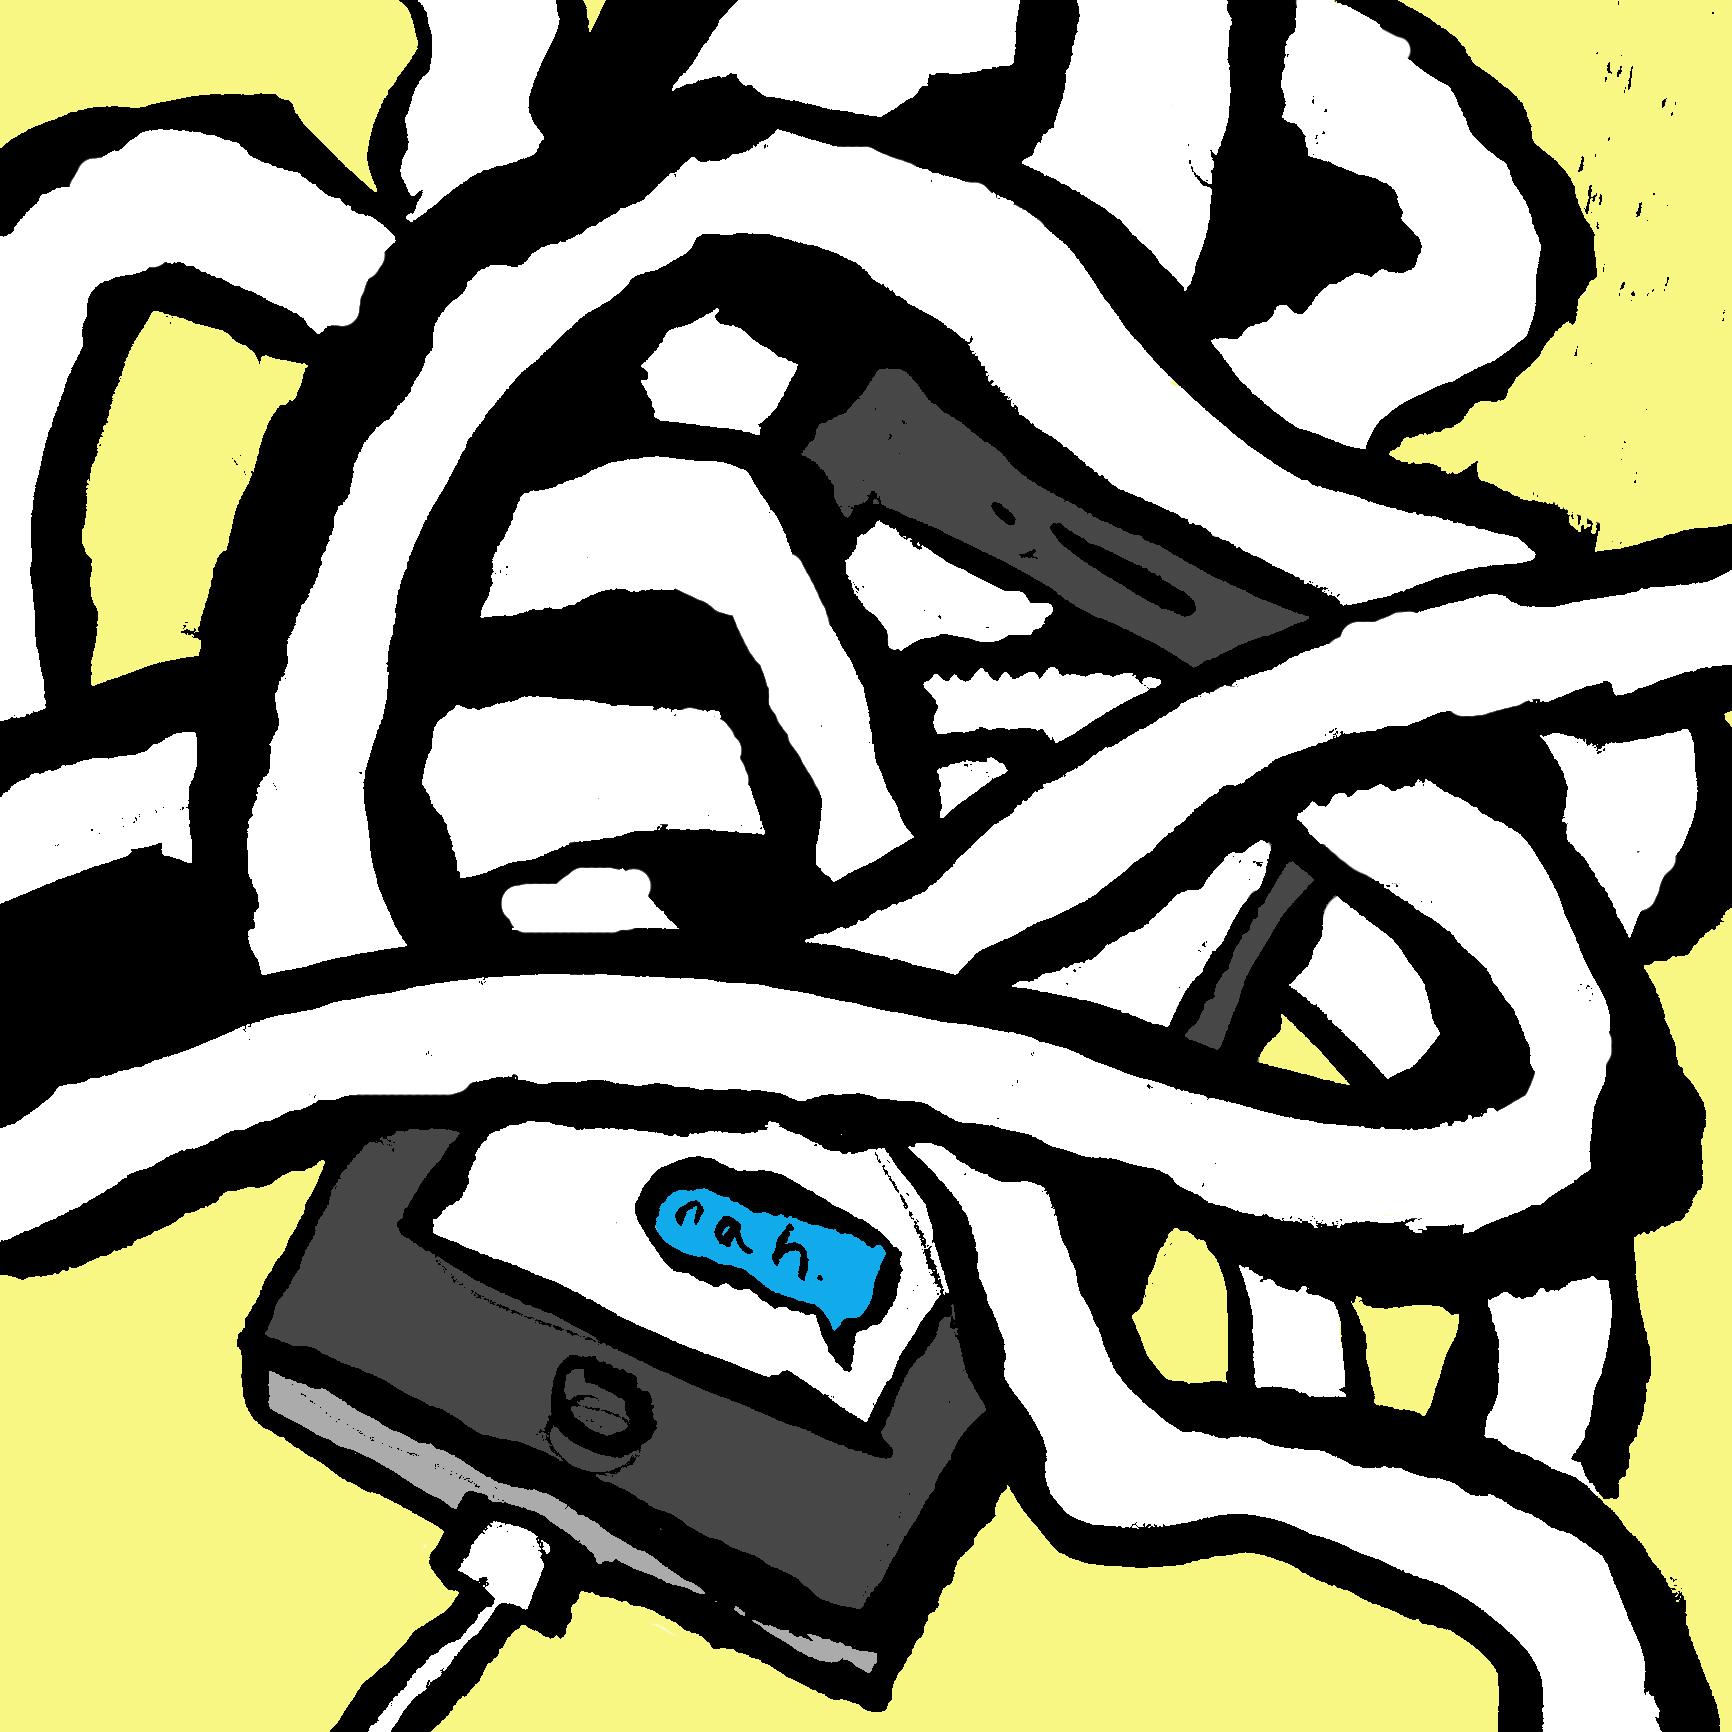 phone nah copy.jpg